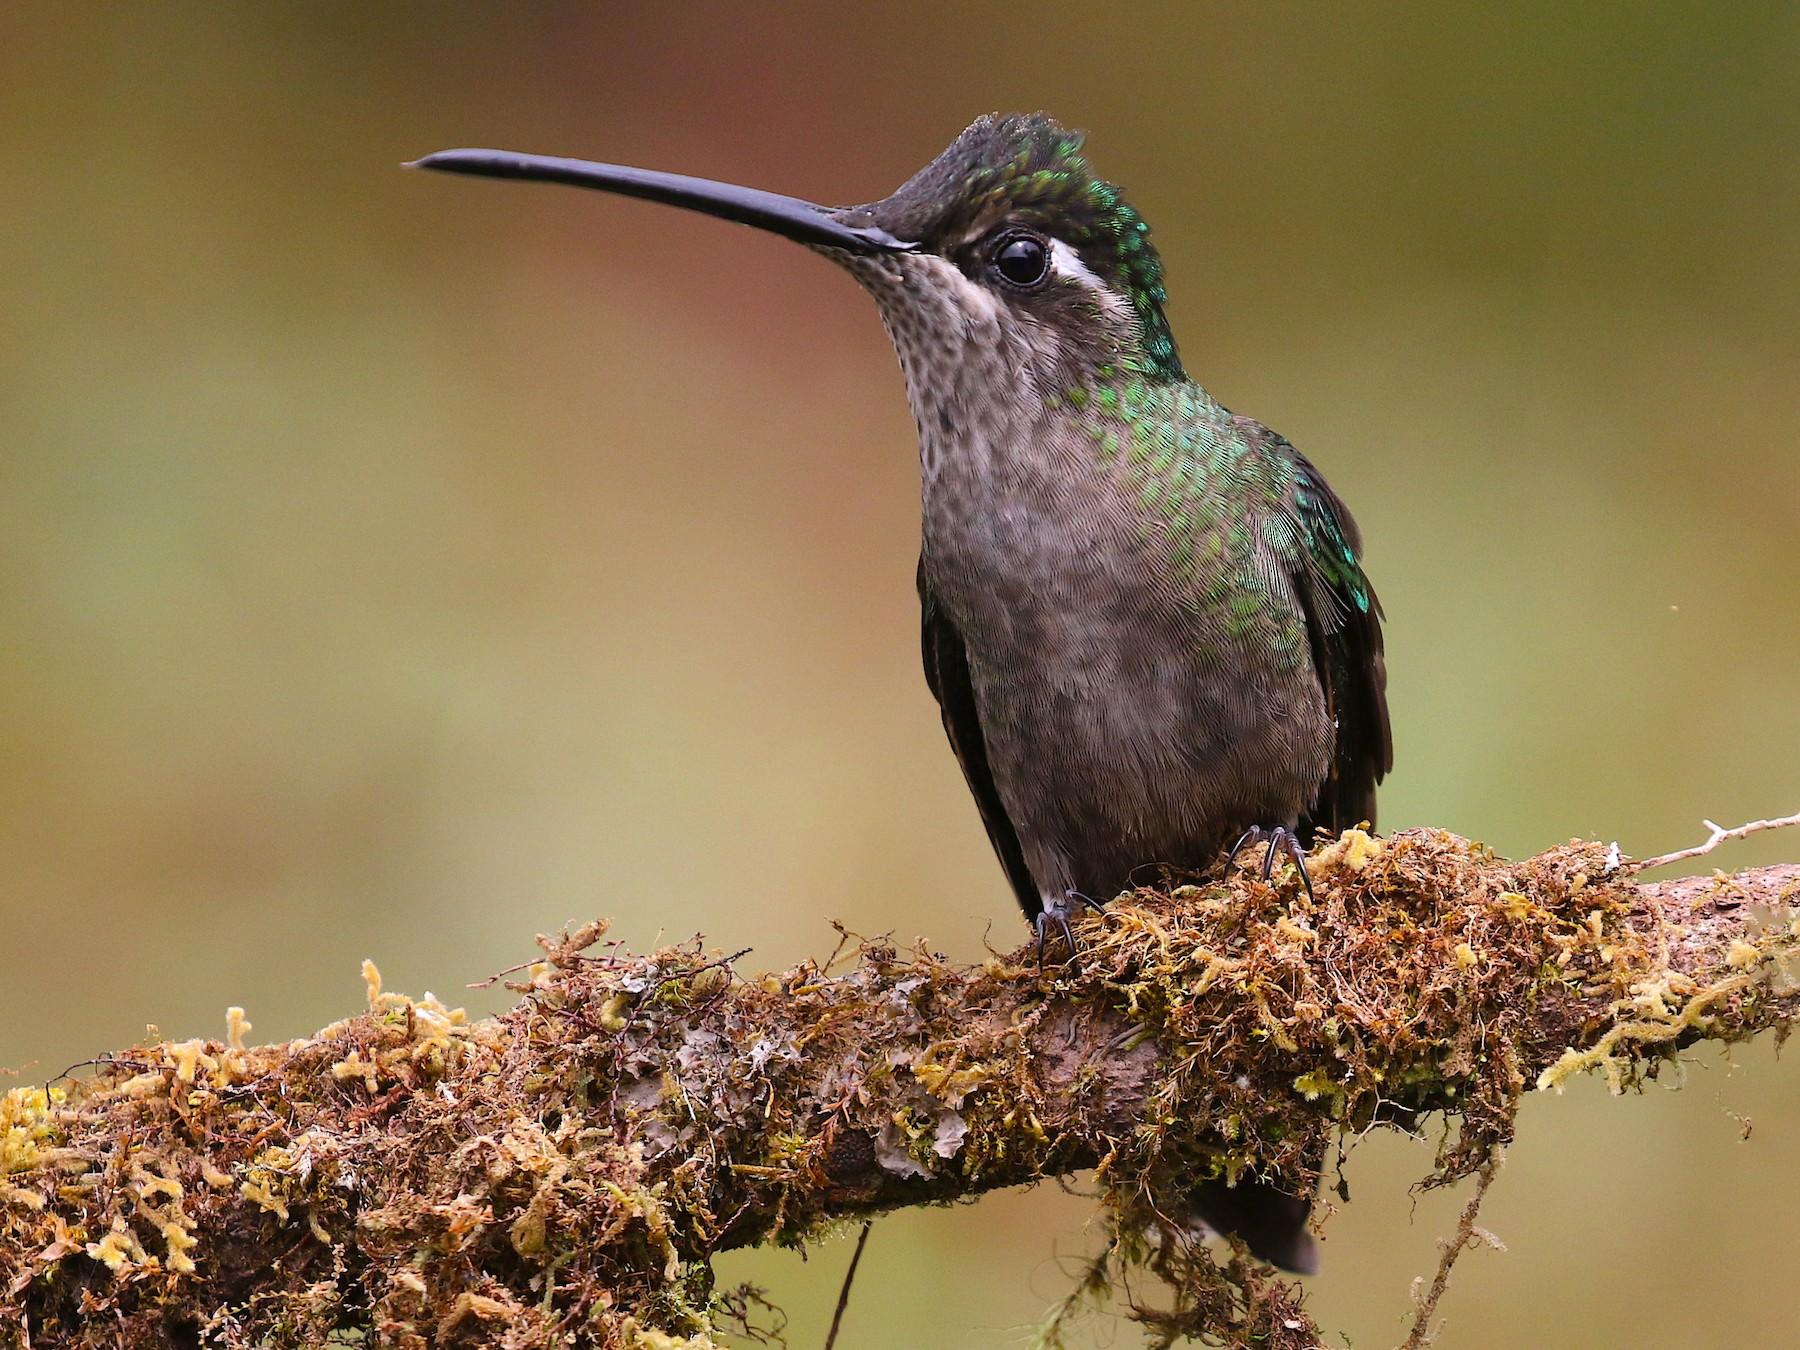 Talamanca Hummingbird - Arco Huang